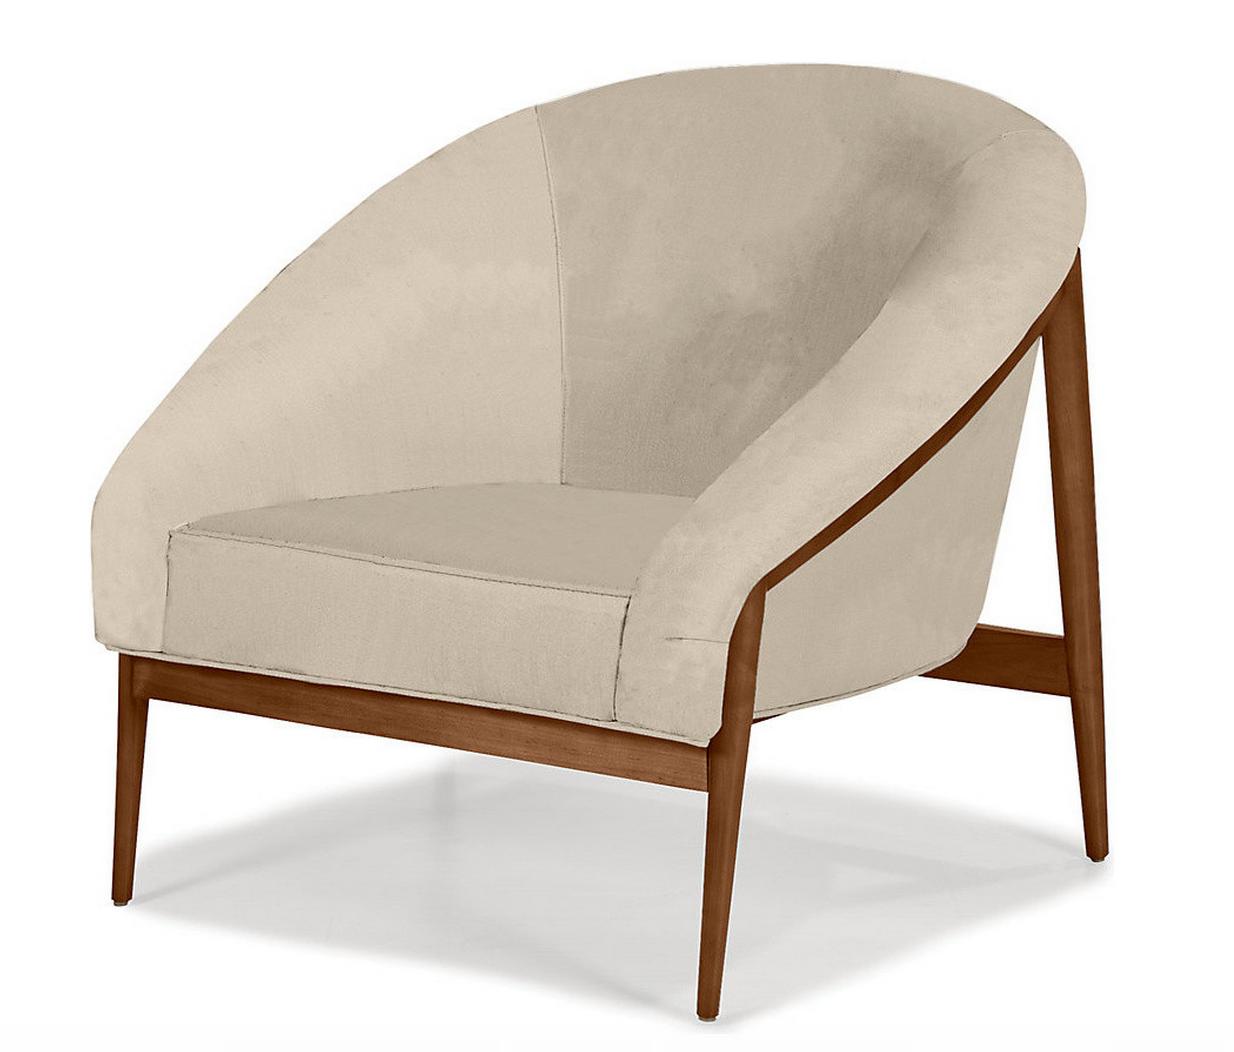 sillon, respaldo redondo, base de madera | OTOMANES, PUFF ...